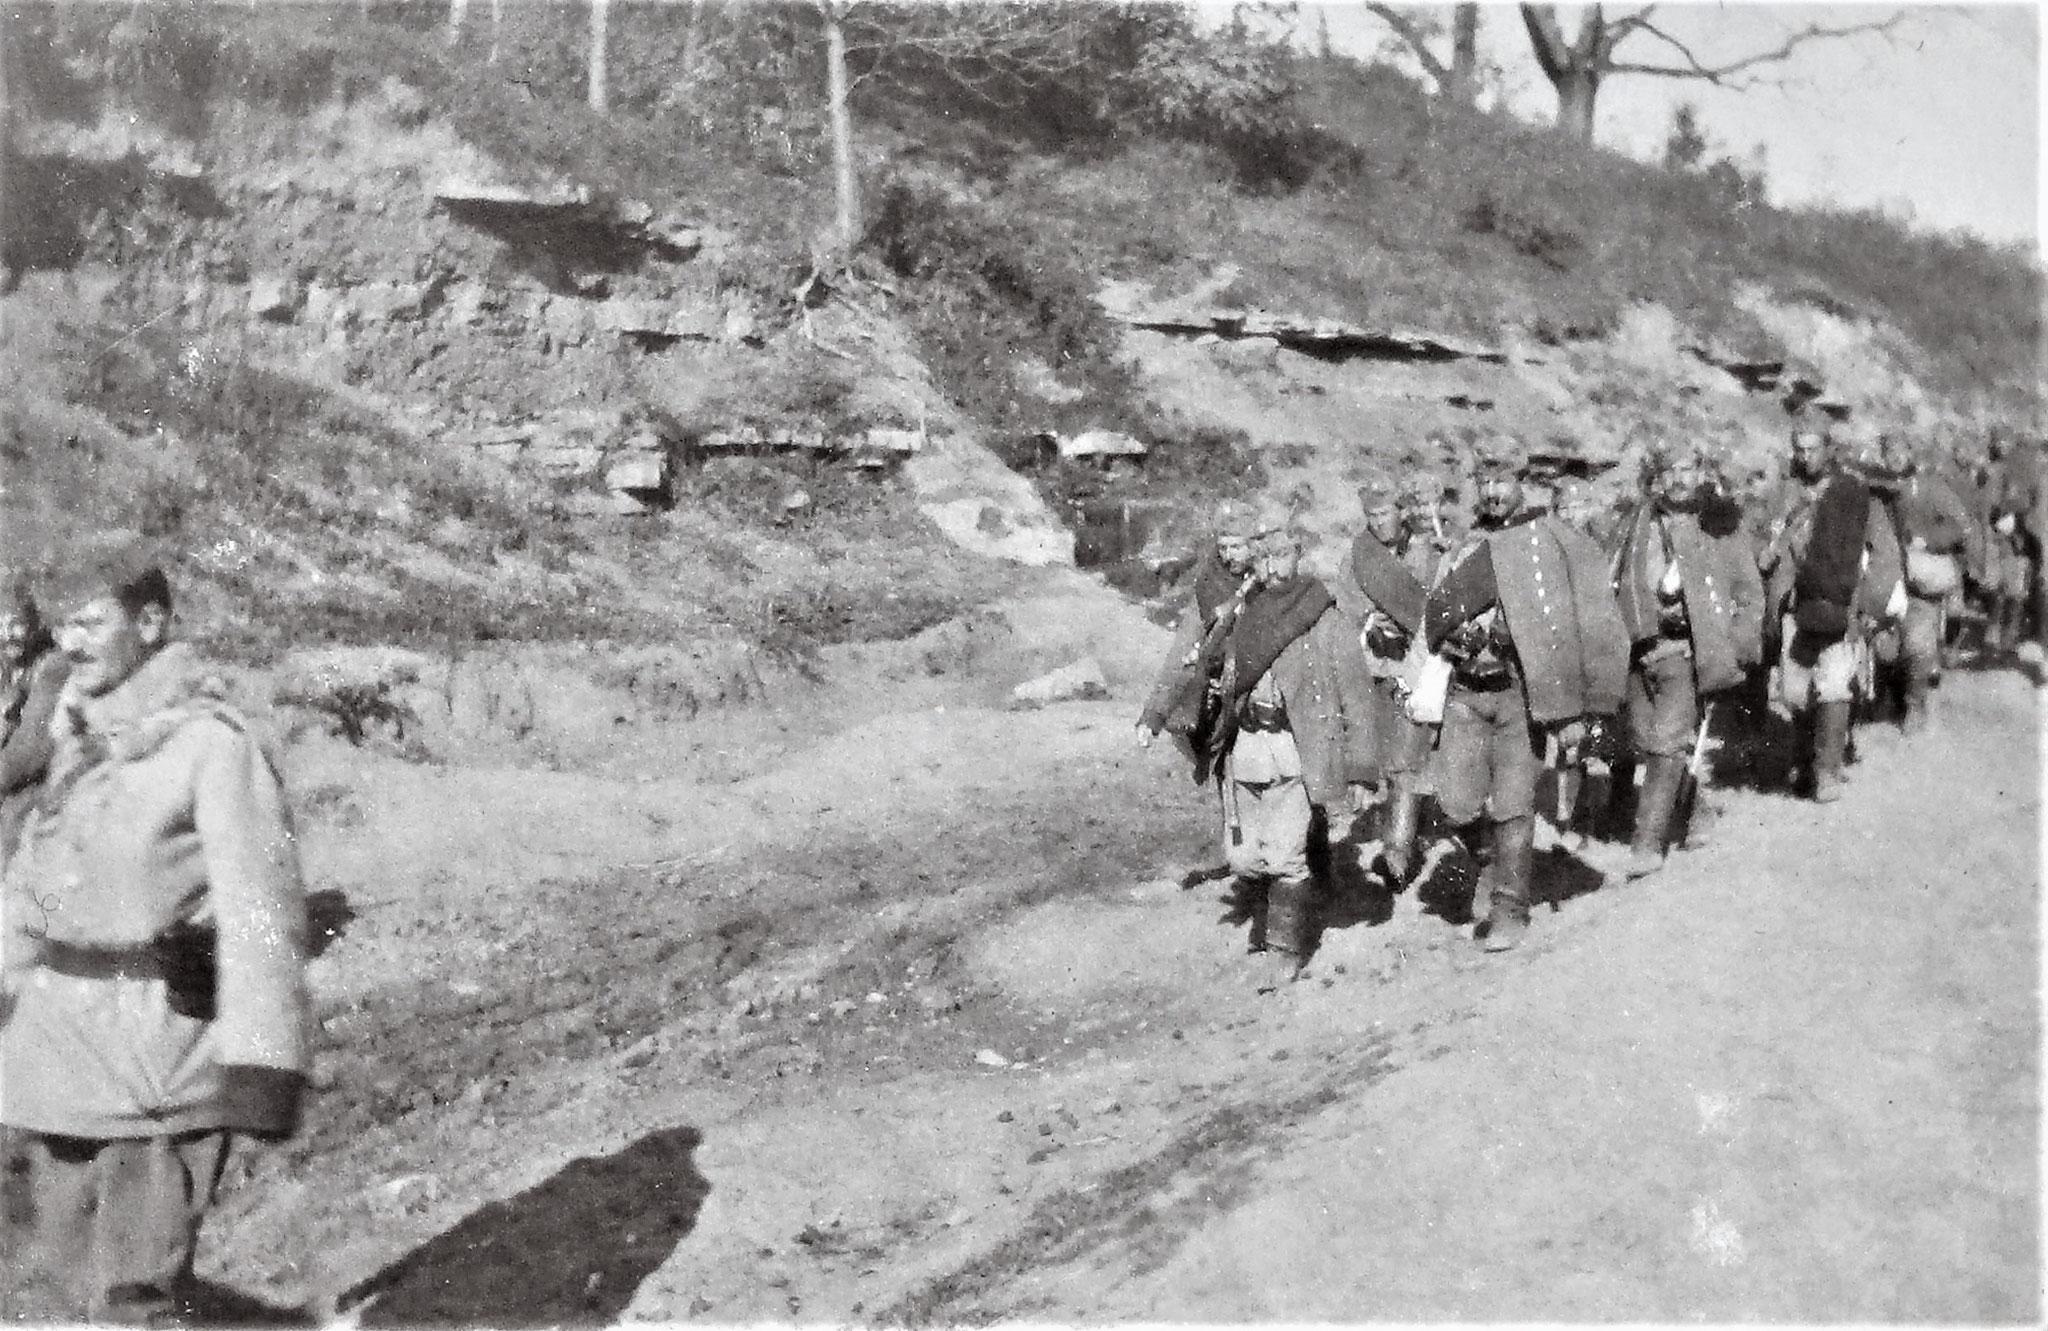 Die Fussabteilung der 3. Esk /D. 5 am Heimmarsch.